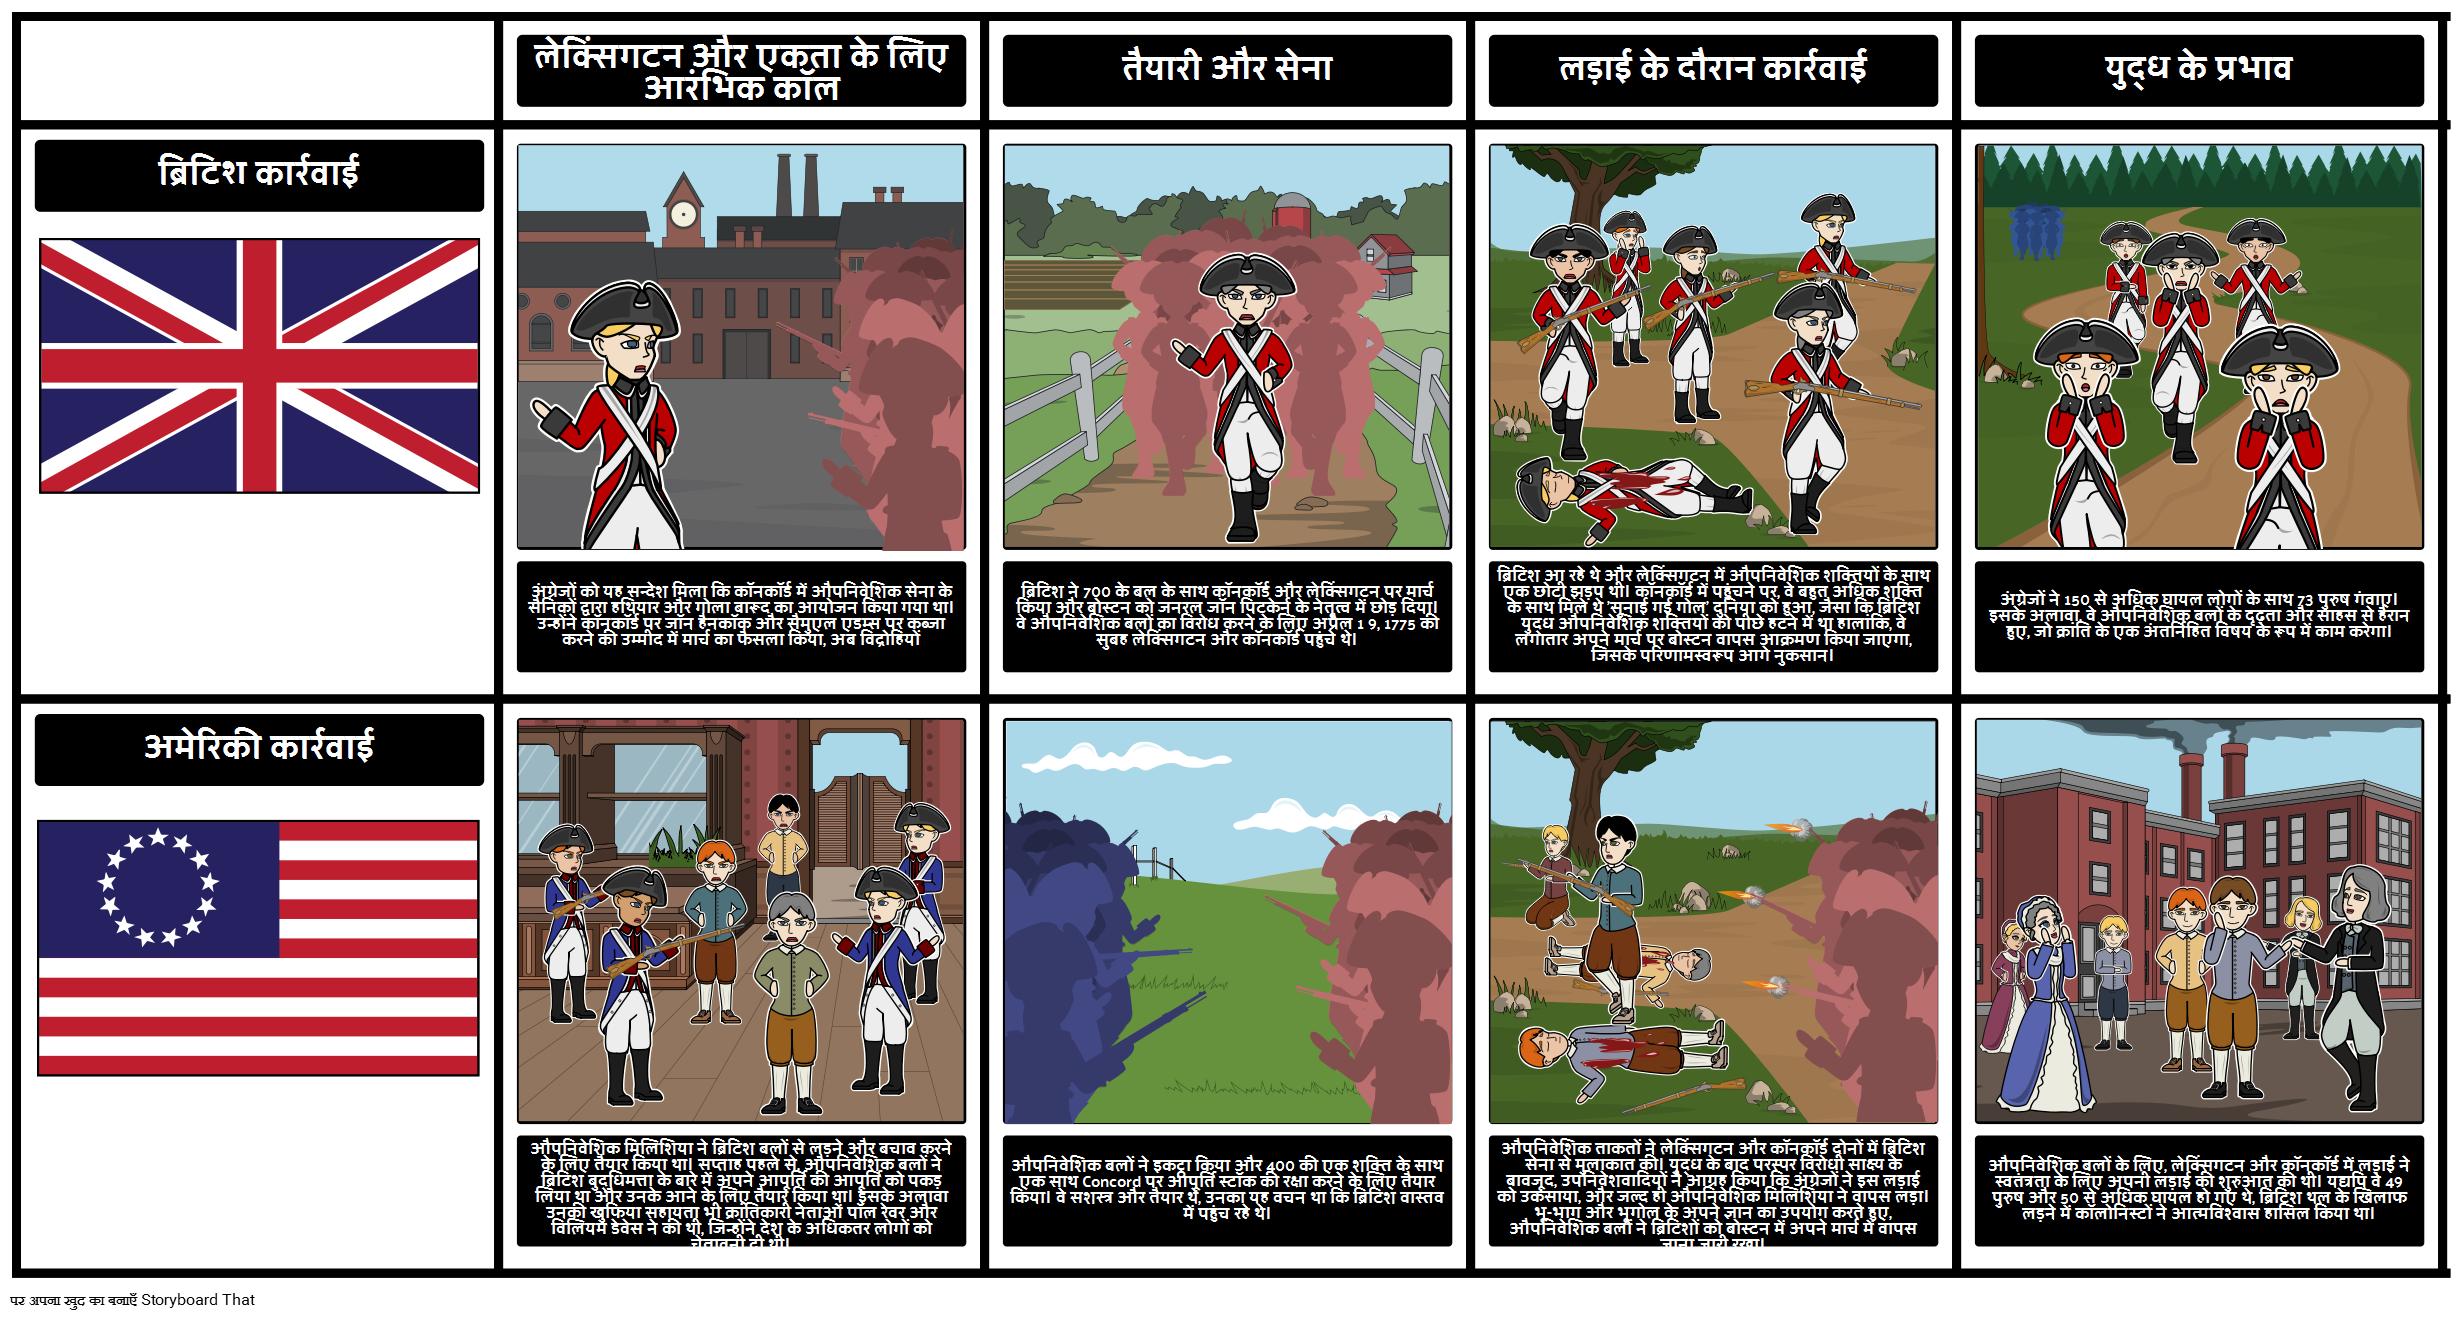 लेक्सिंगटन और कॉनकॉर्ड की लड़ाई